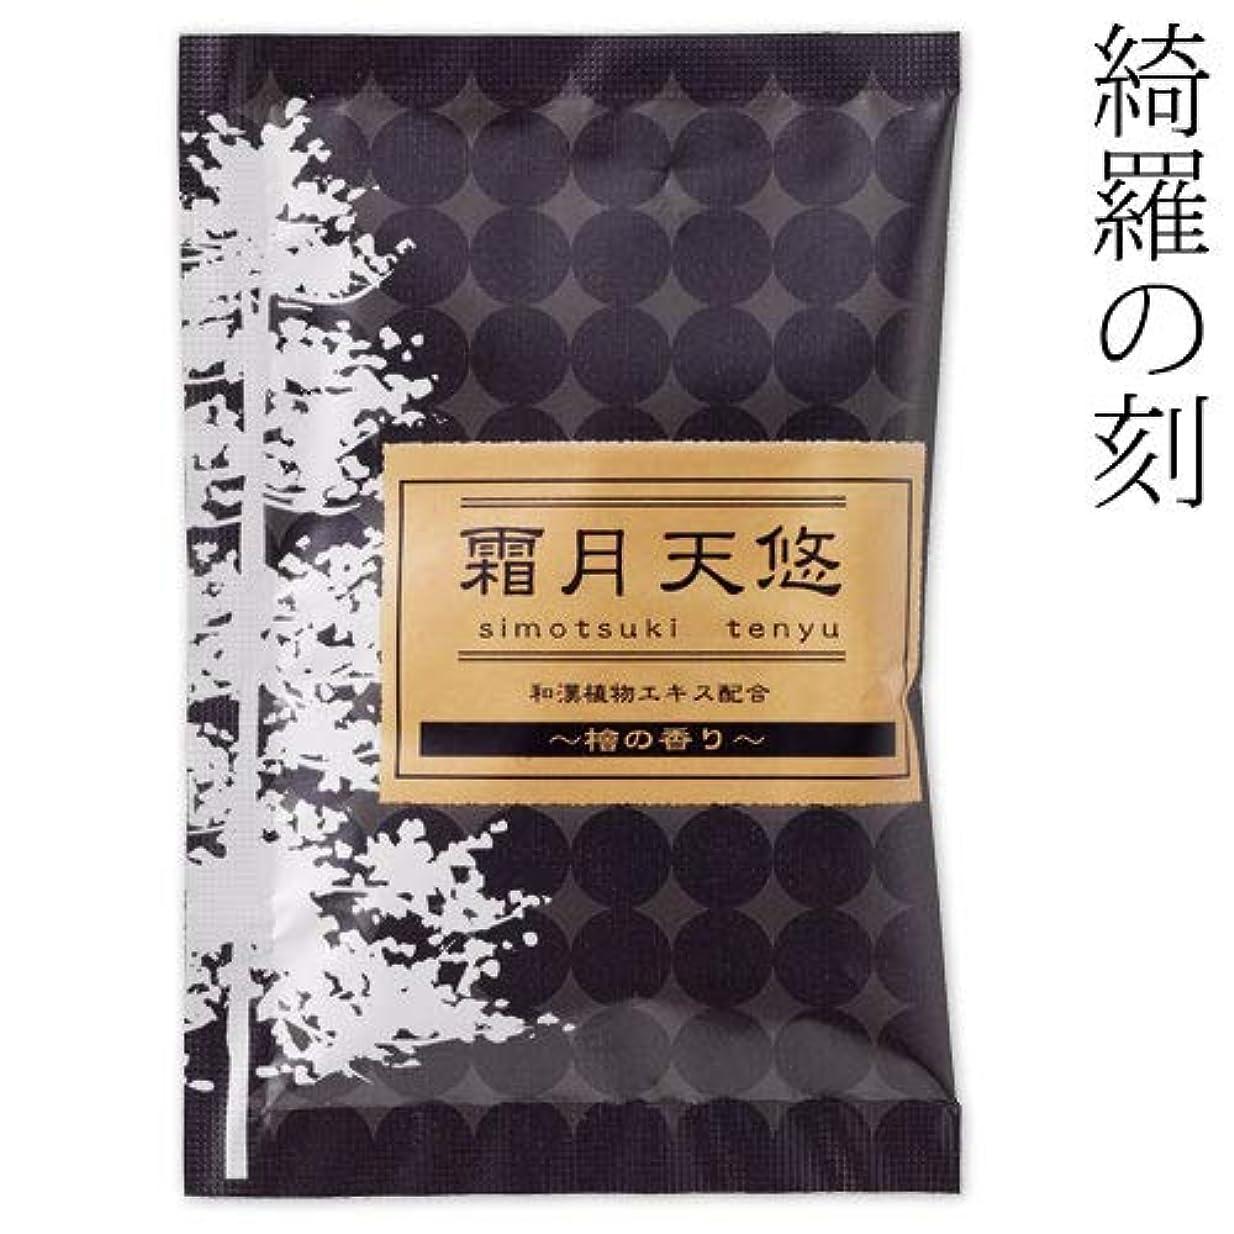 反対するキャベツ灌漑入浴剤綺羅の刻檜の香り霜月天悠1包石川県のお風呂グッズBath additive, Ishikawa craft